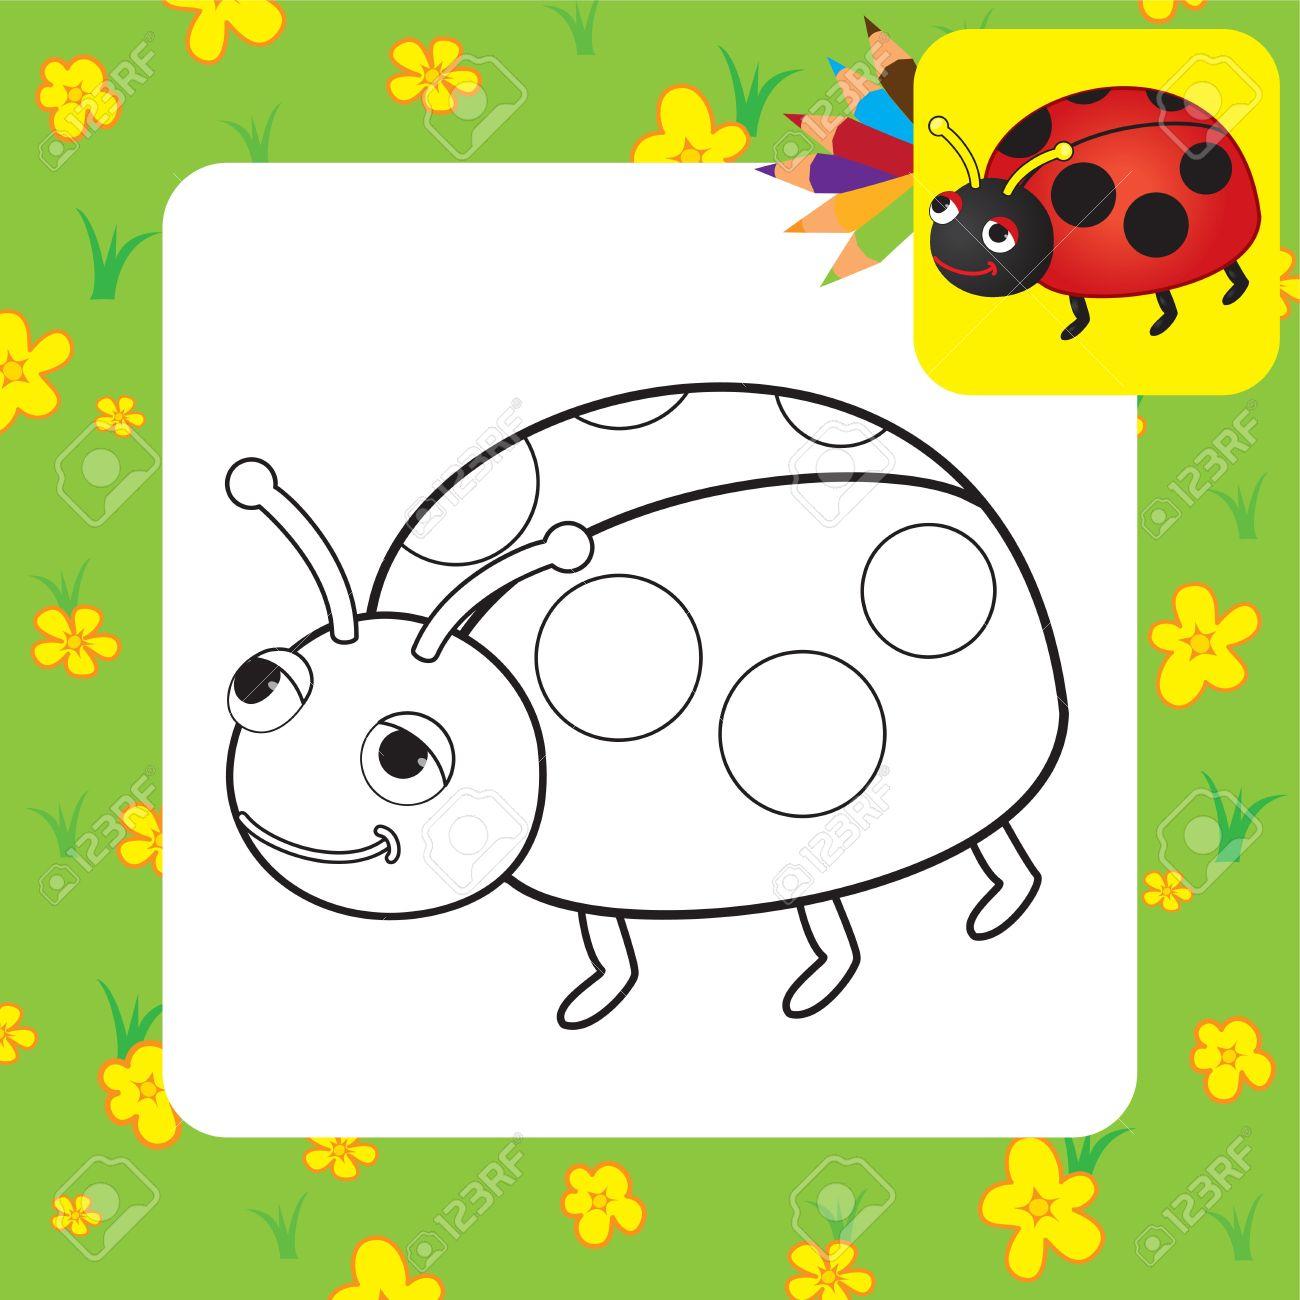 Dibujo Para Colorear Mariquita Ilustración Vectorial Ilustraciones